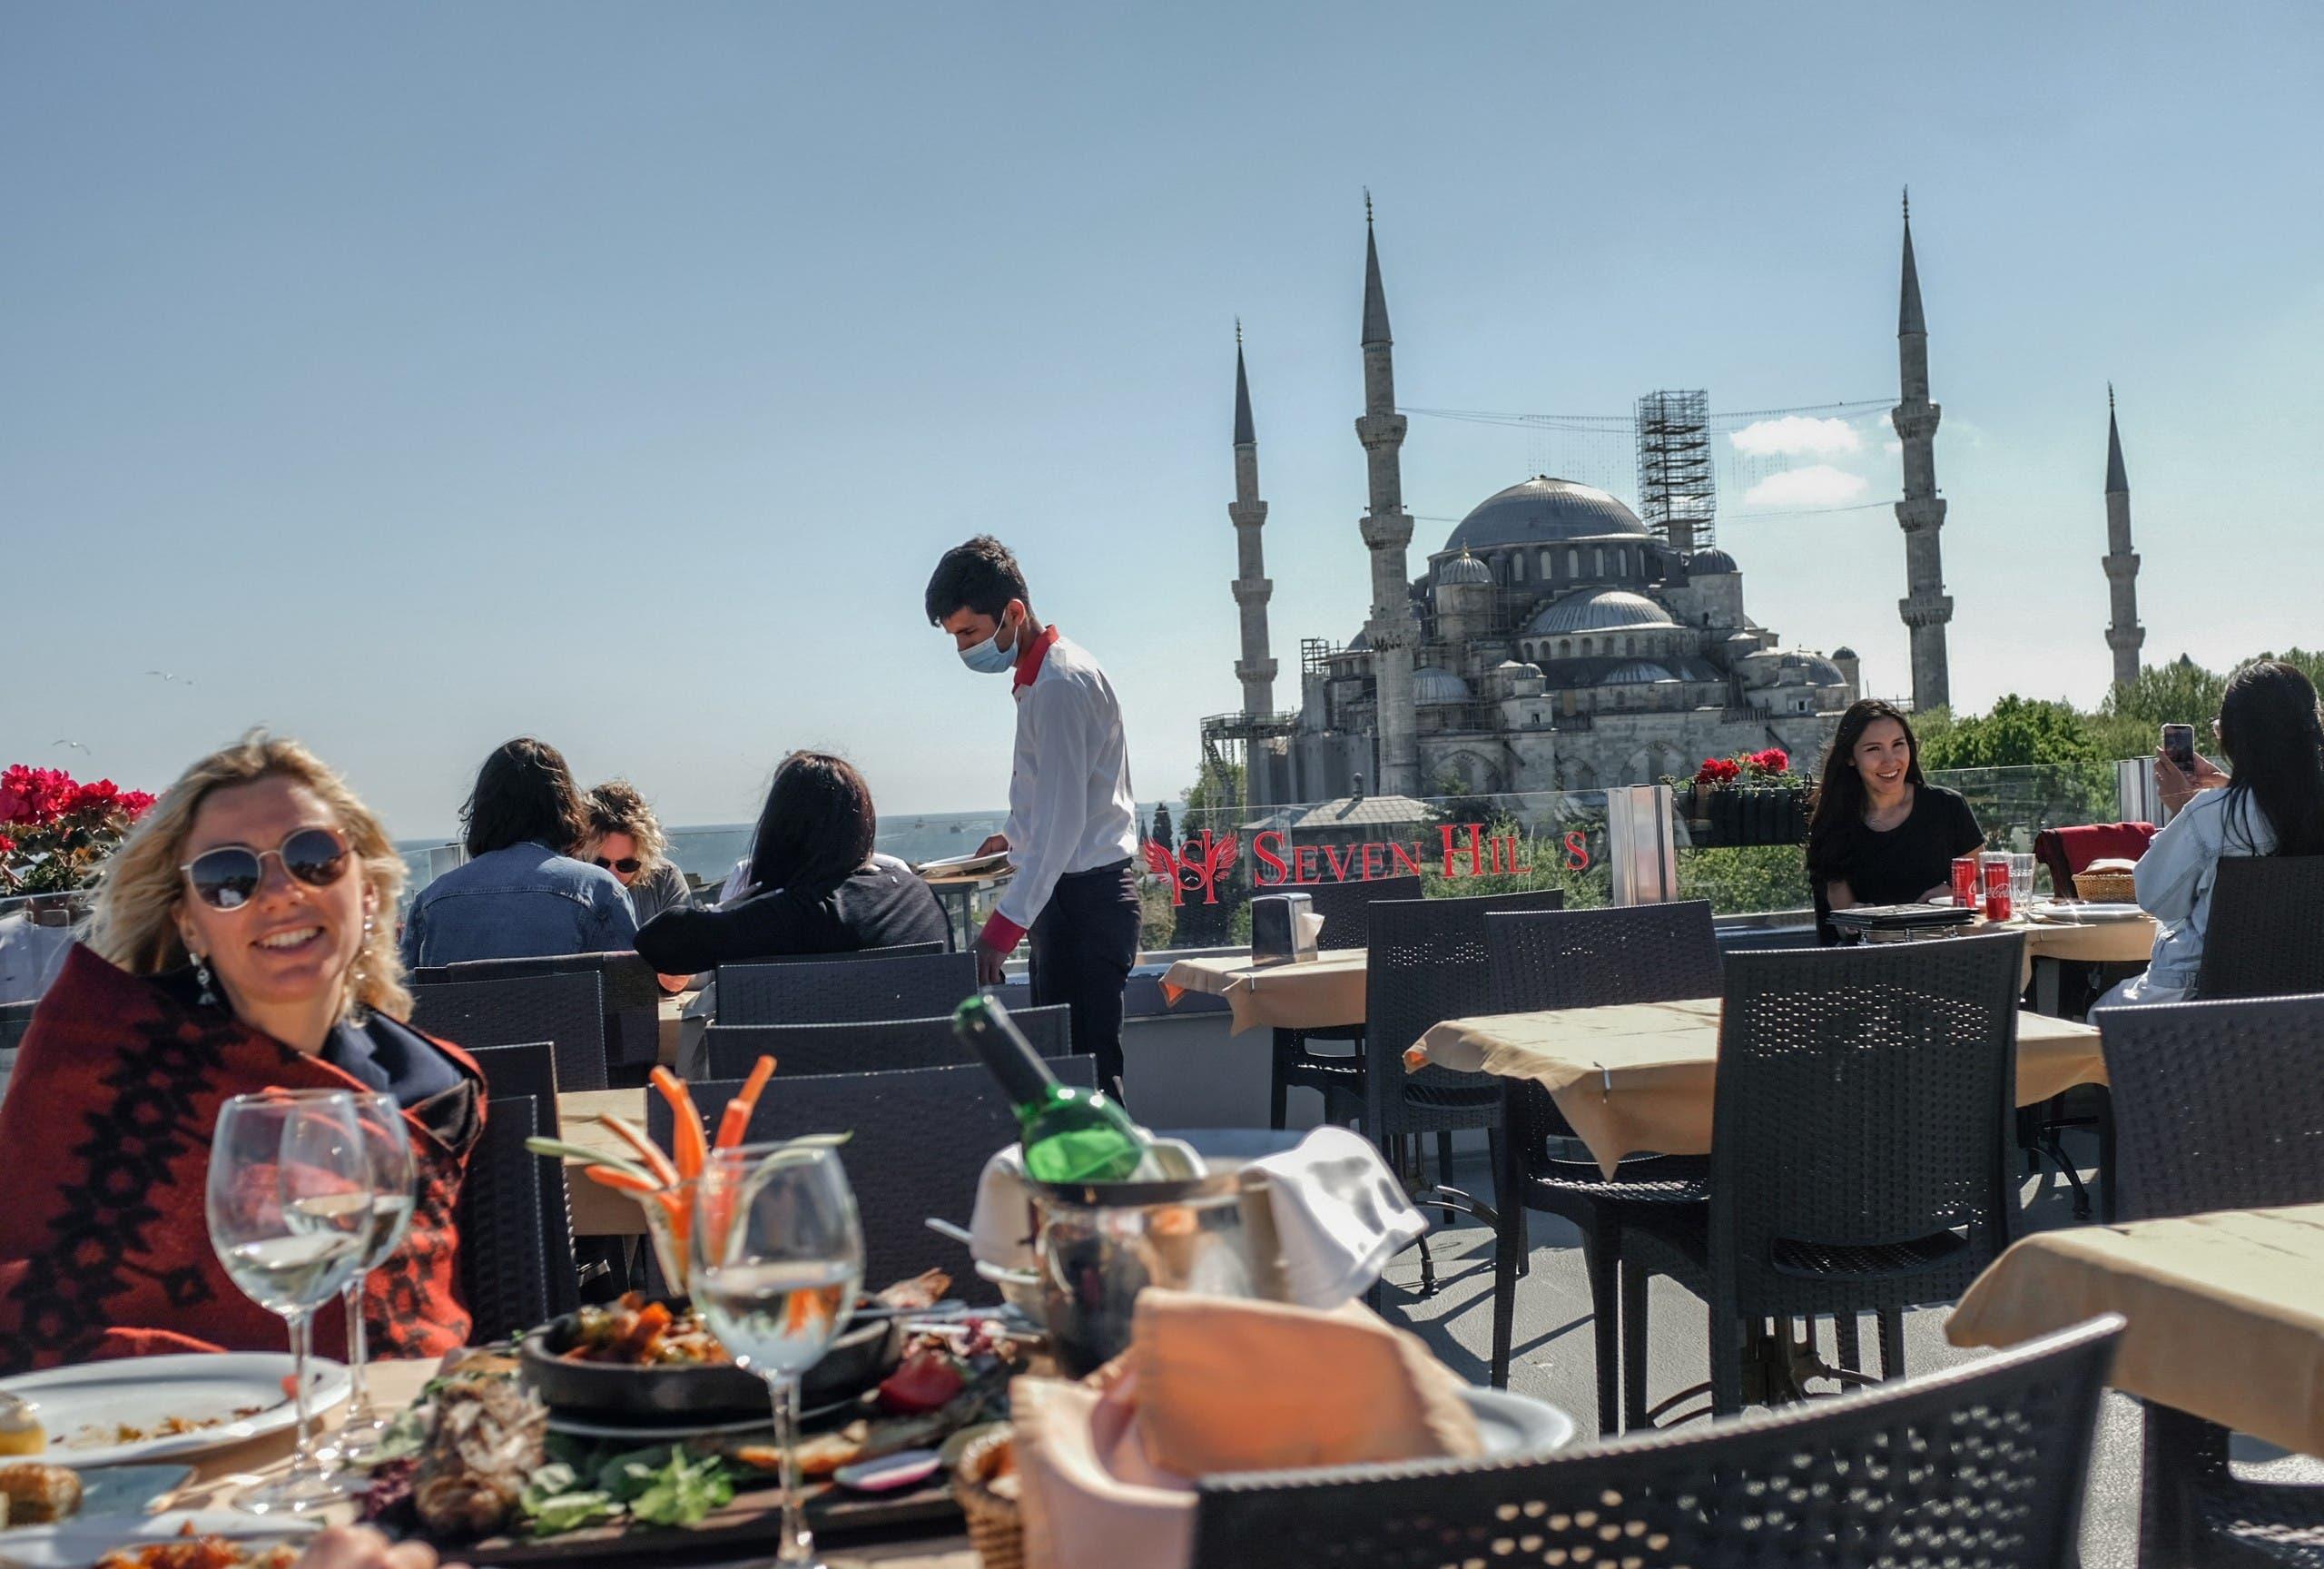 عودة انتعاش السياحة في اسطنبول بعد الجائحة (تعبيرية)